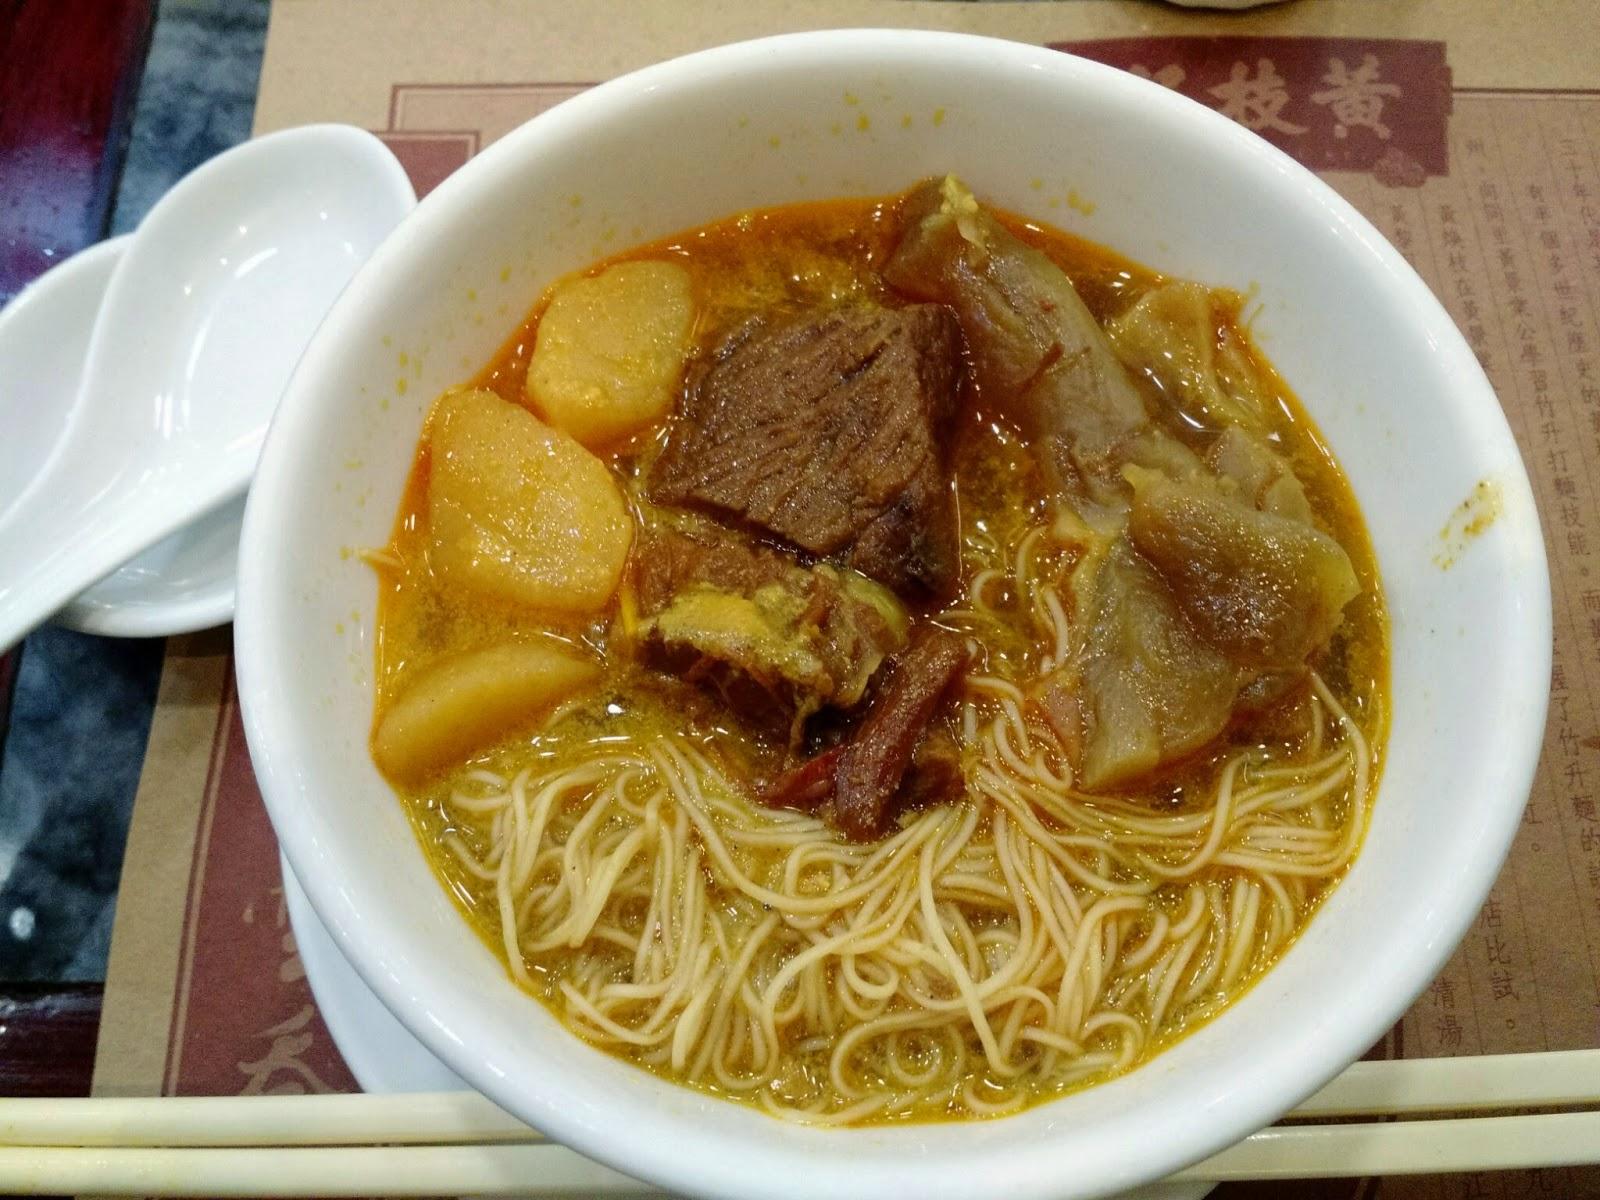 香港毎日ローカル飯: 雲呑麺だけ楽しむのはもったいない!カレー麺もぜひ...  雲呑麺だけ楽しむ